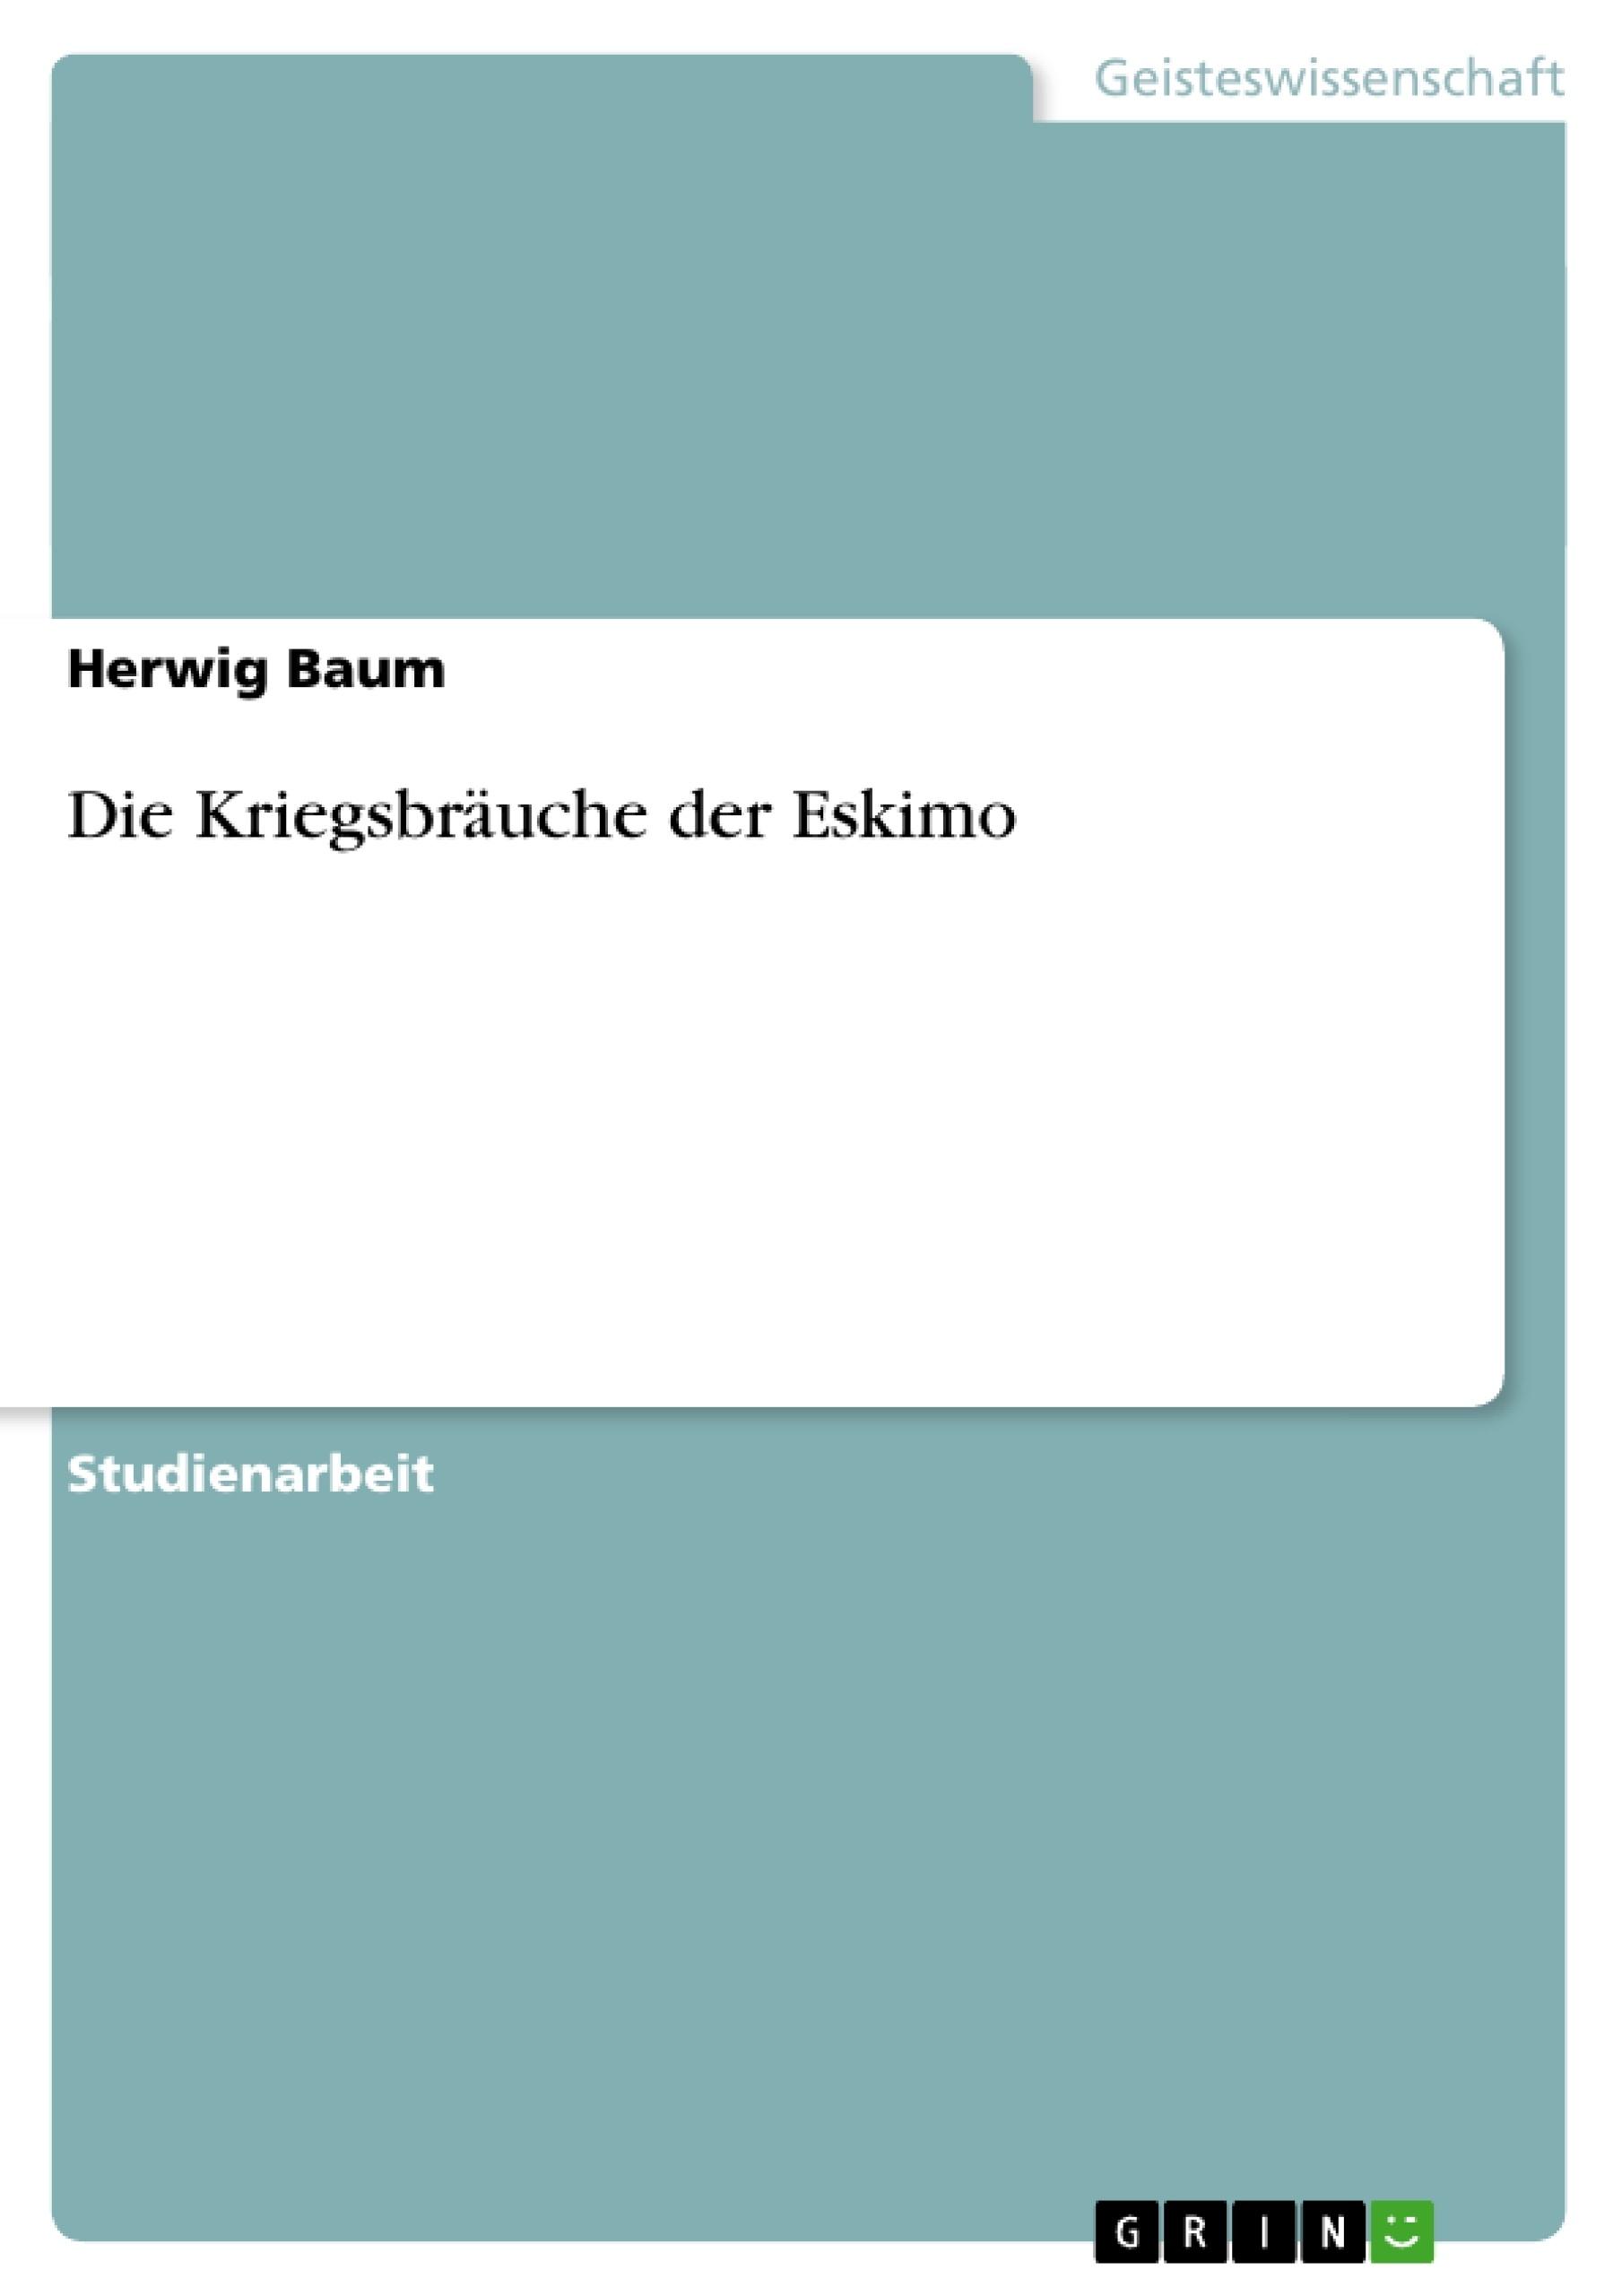 Titel: Die Kriegsbräuche der Eskimo